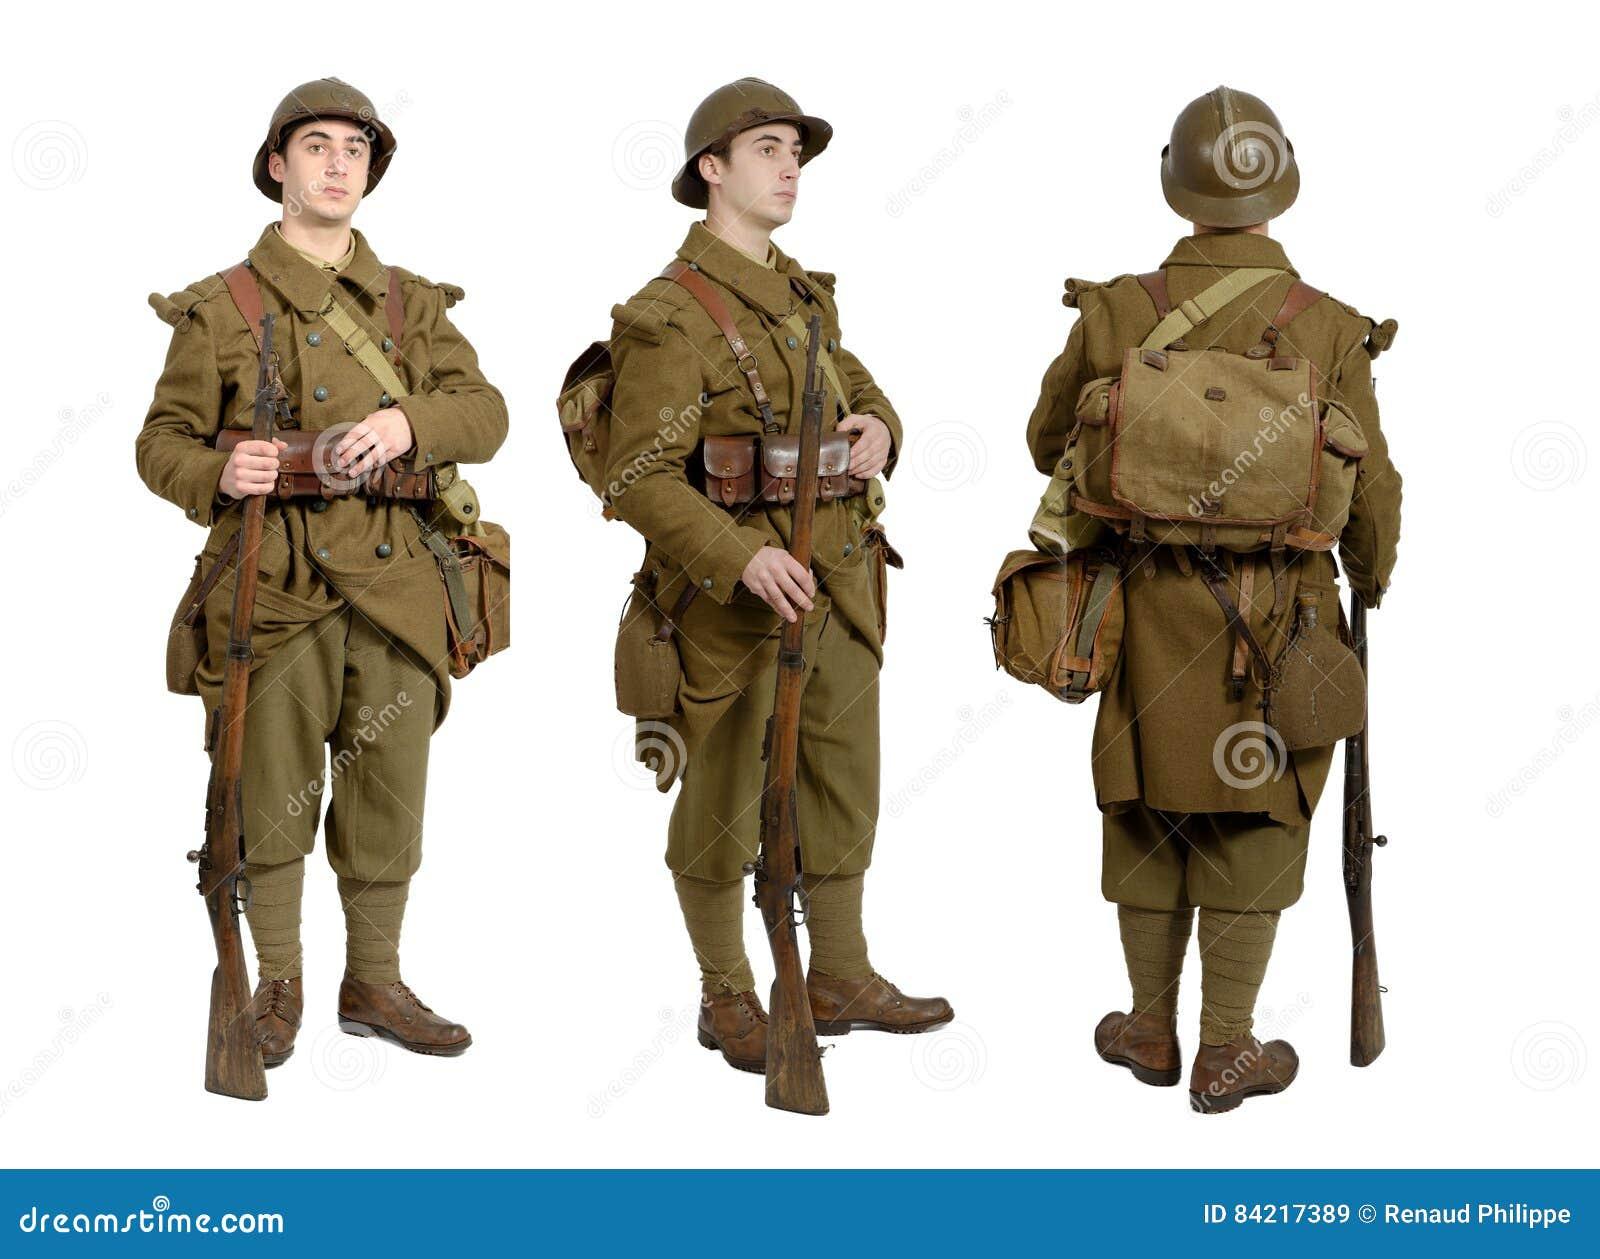 Une photo de femmes soldats en uniforme donnant le sein